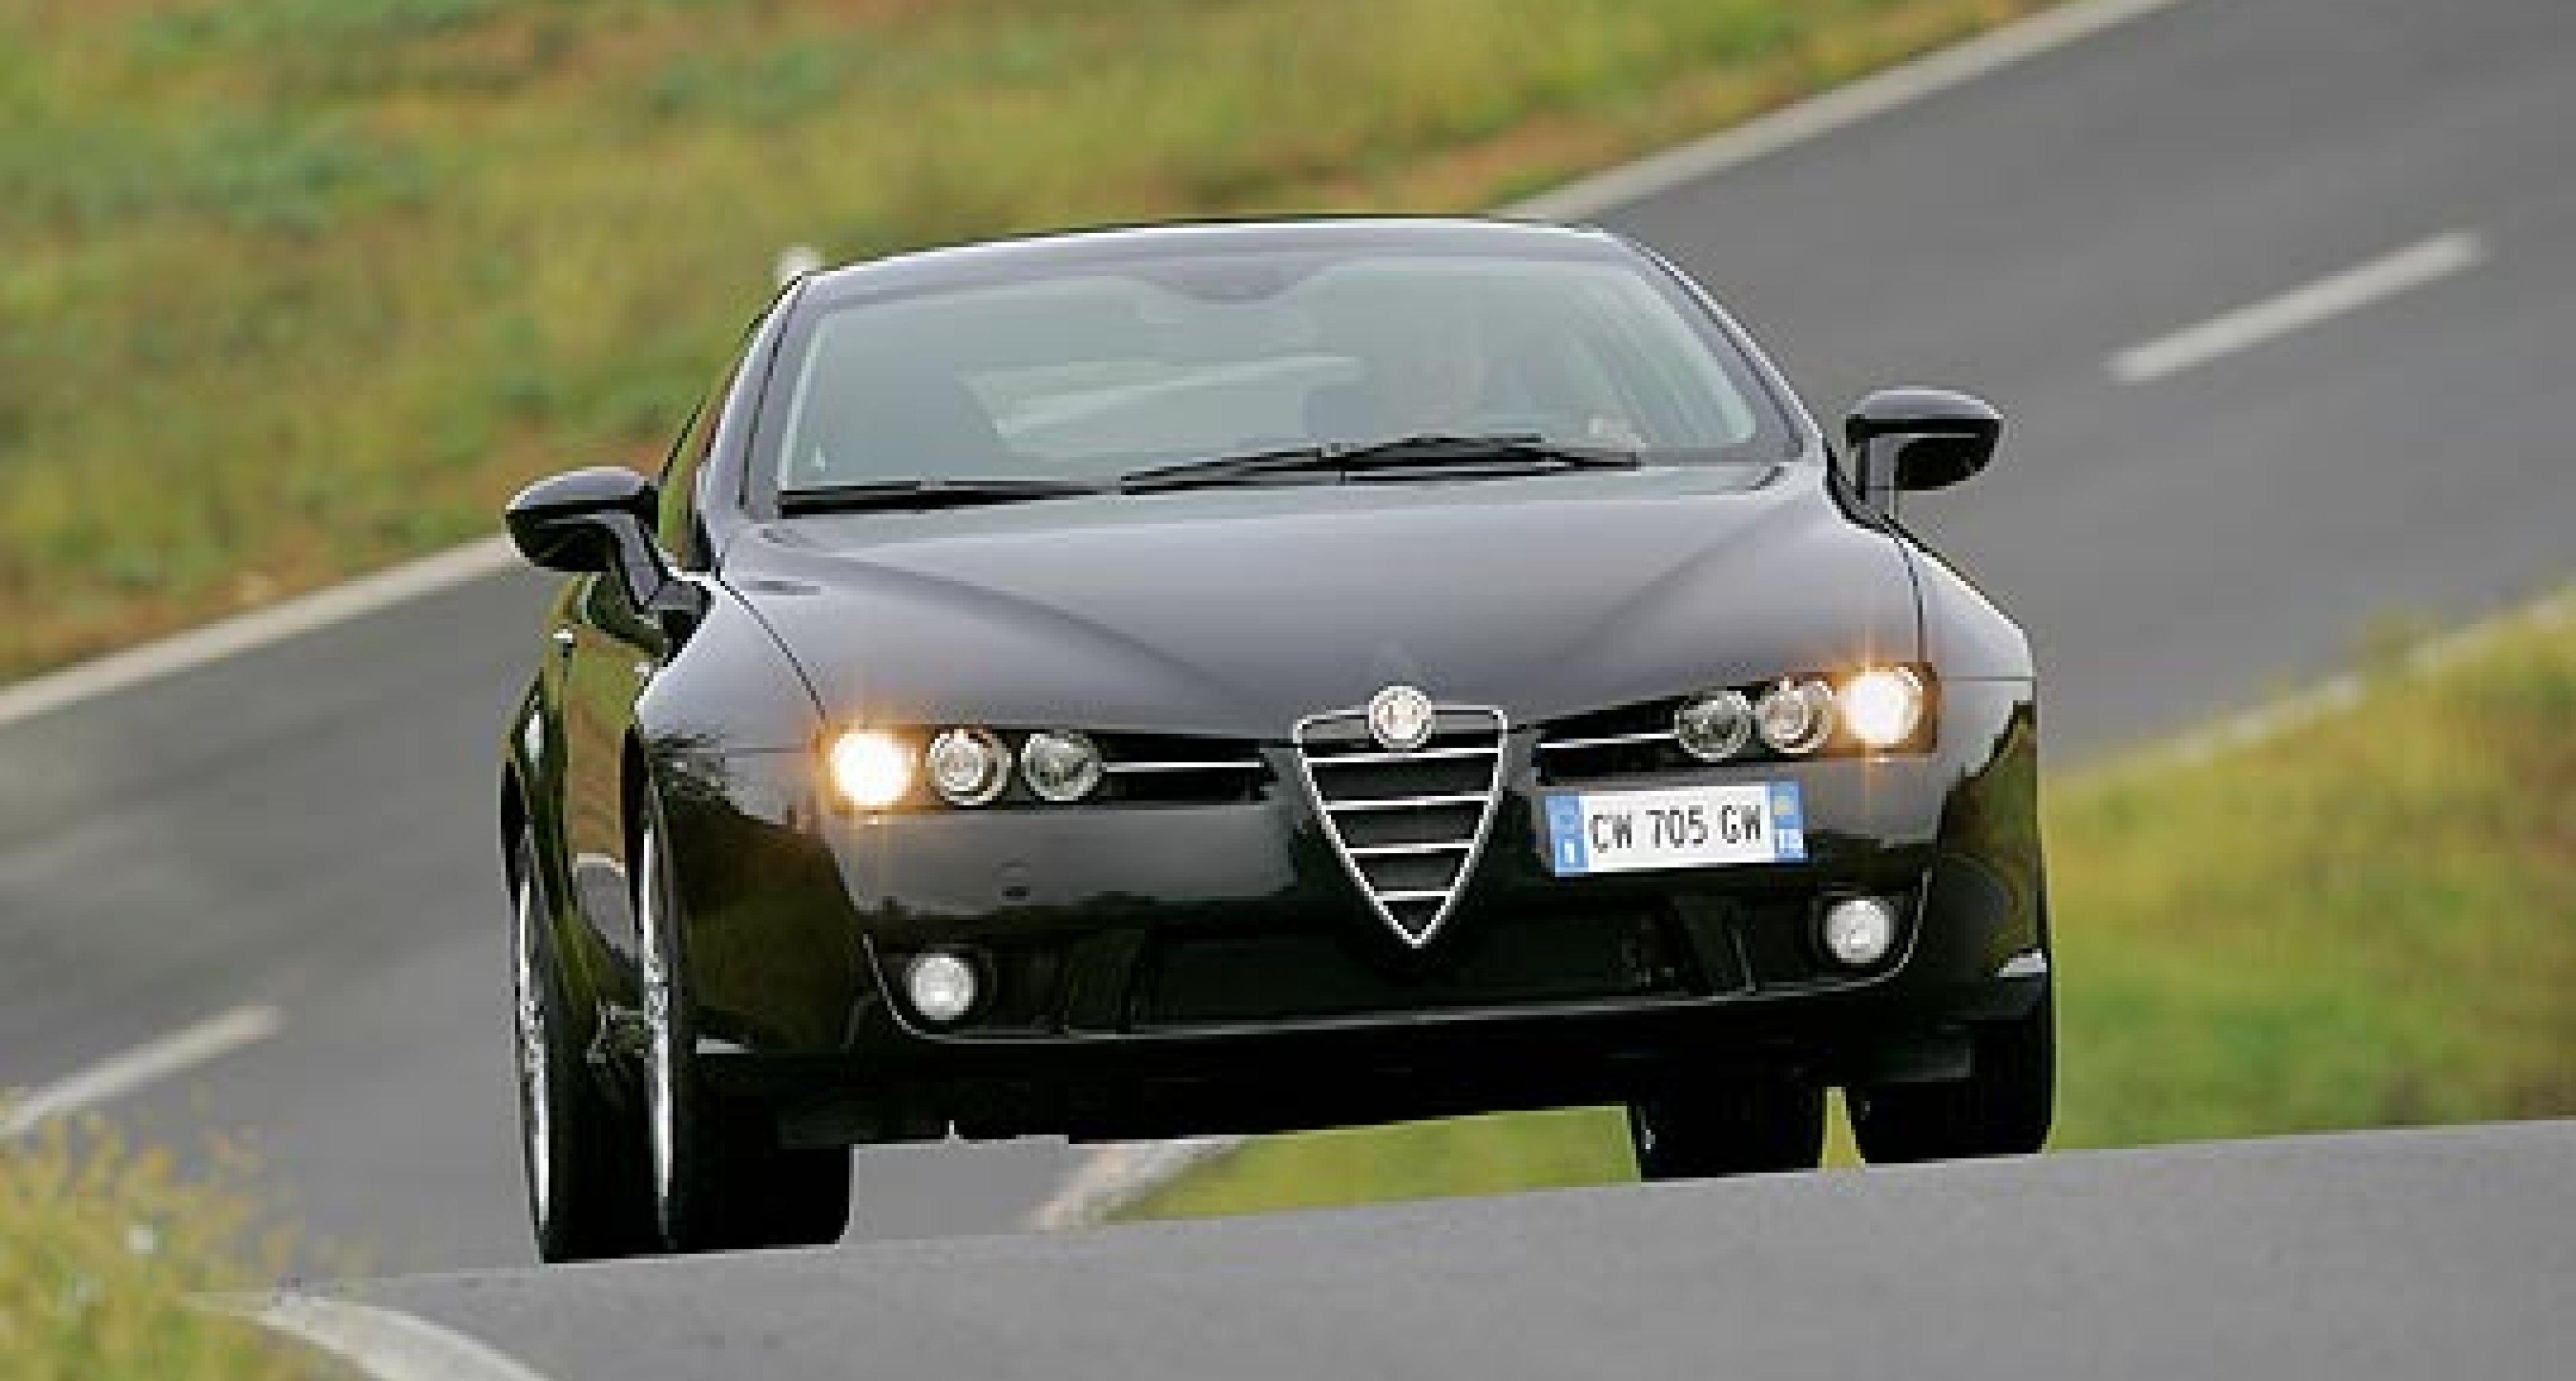 Alfa Romeo Brera - the order books open